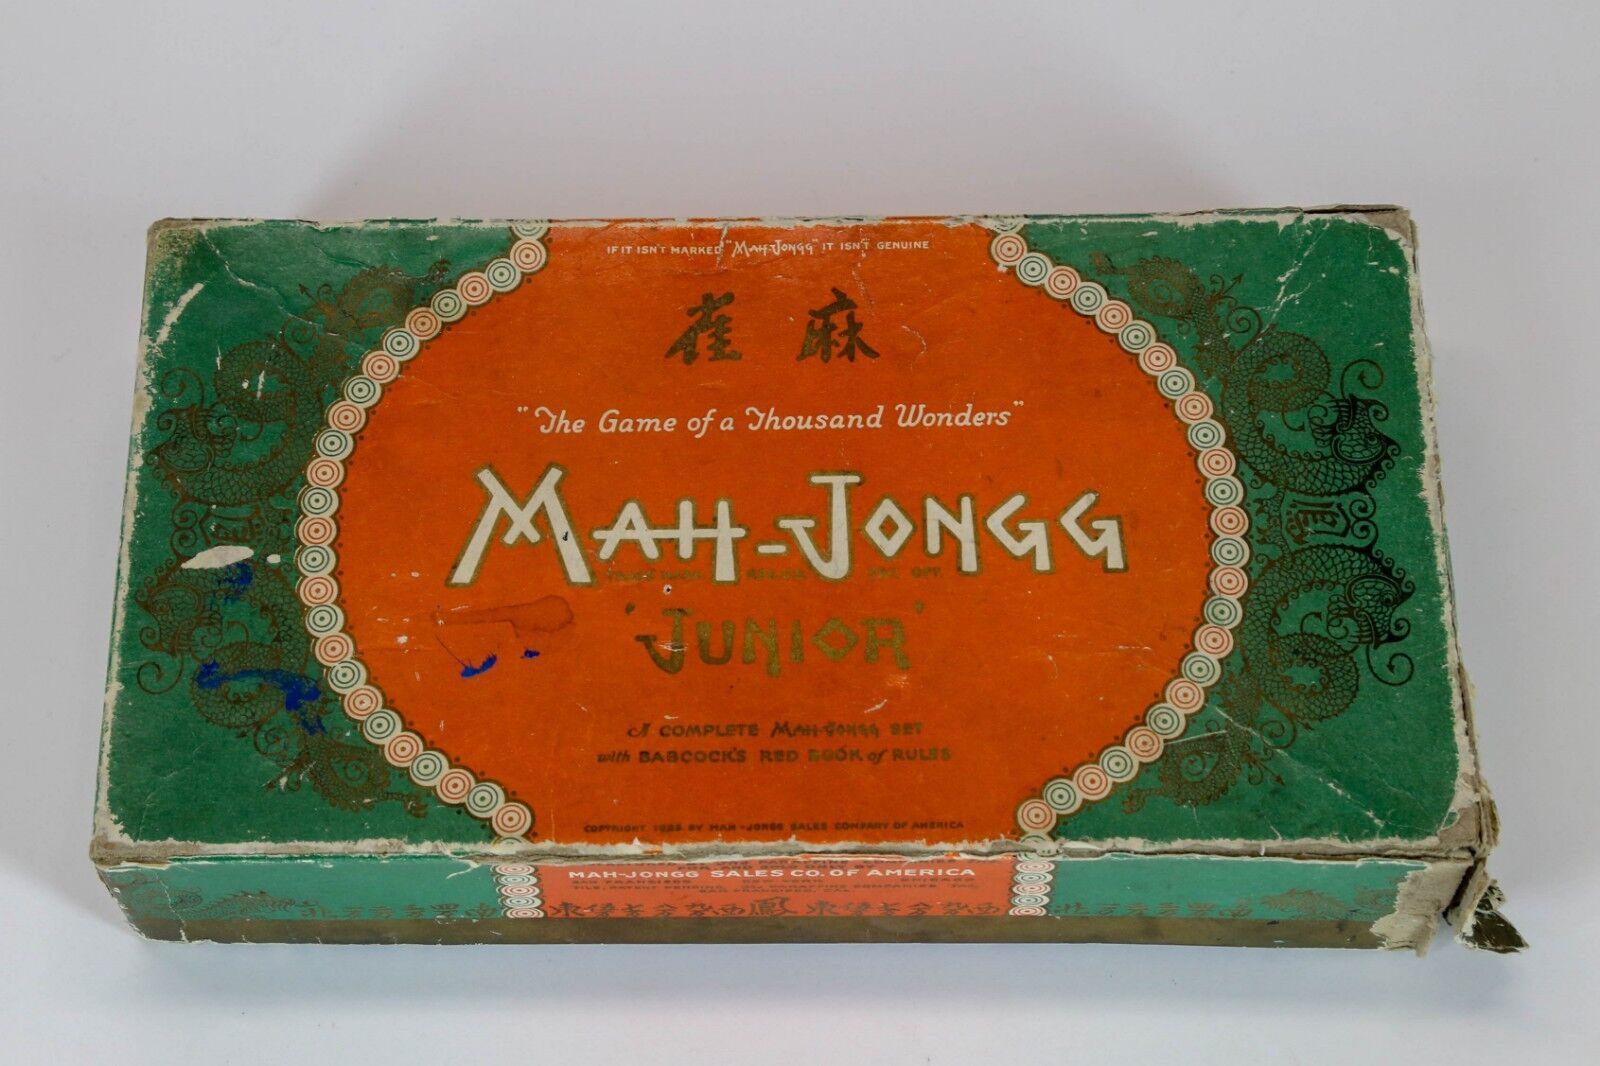 MAH-JONGG JR. VINTAGE 1923 Boxed Game Set Made in San Francisco USA